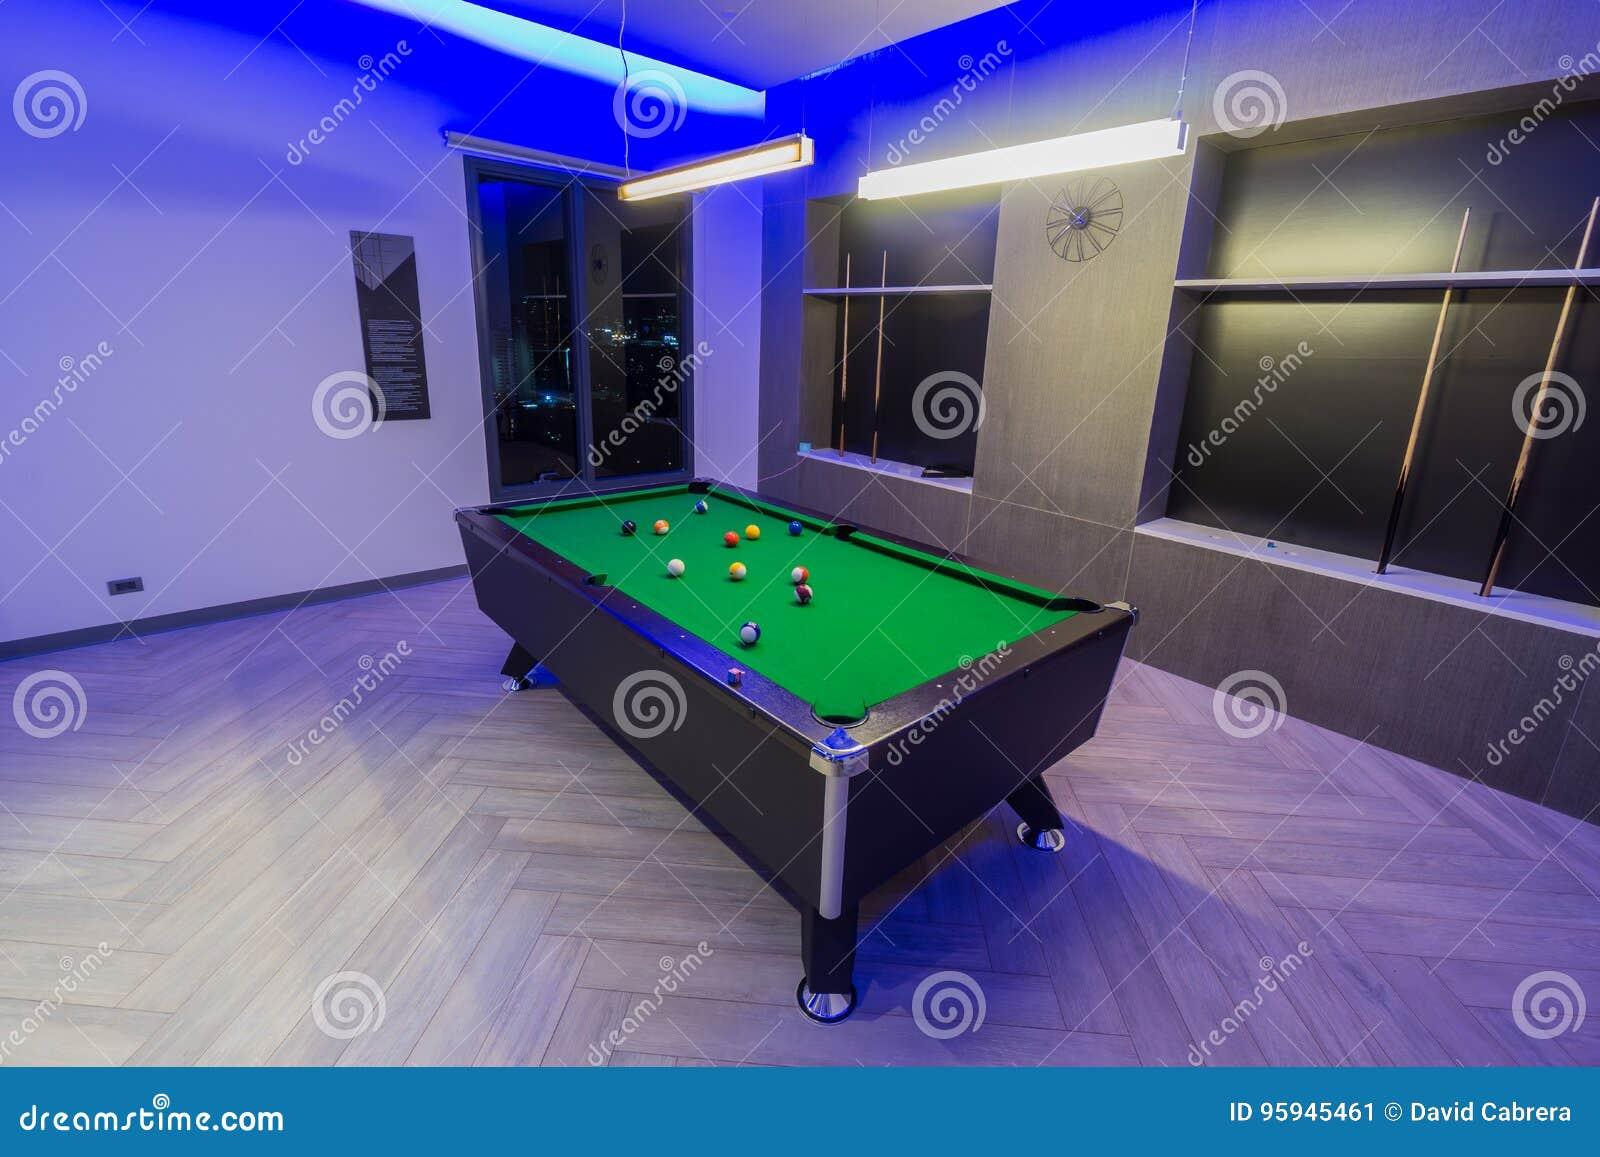 Het Biljartruimte van de snookerpool, groene lijst met volledige reeks ballen in een moderne ruimte met neonlichten